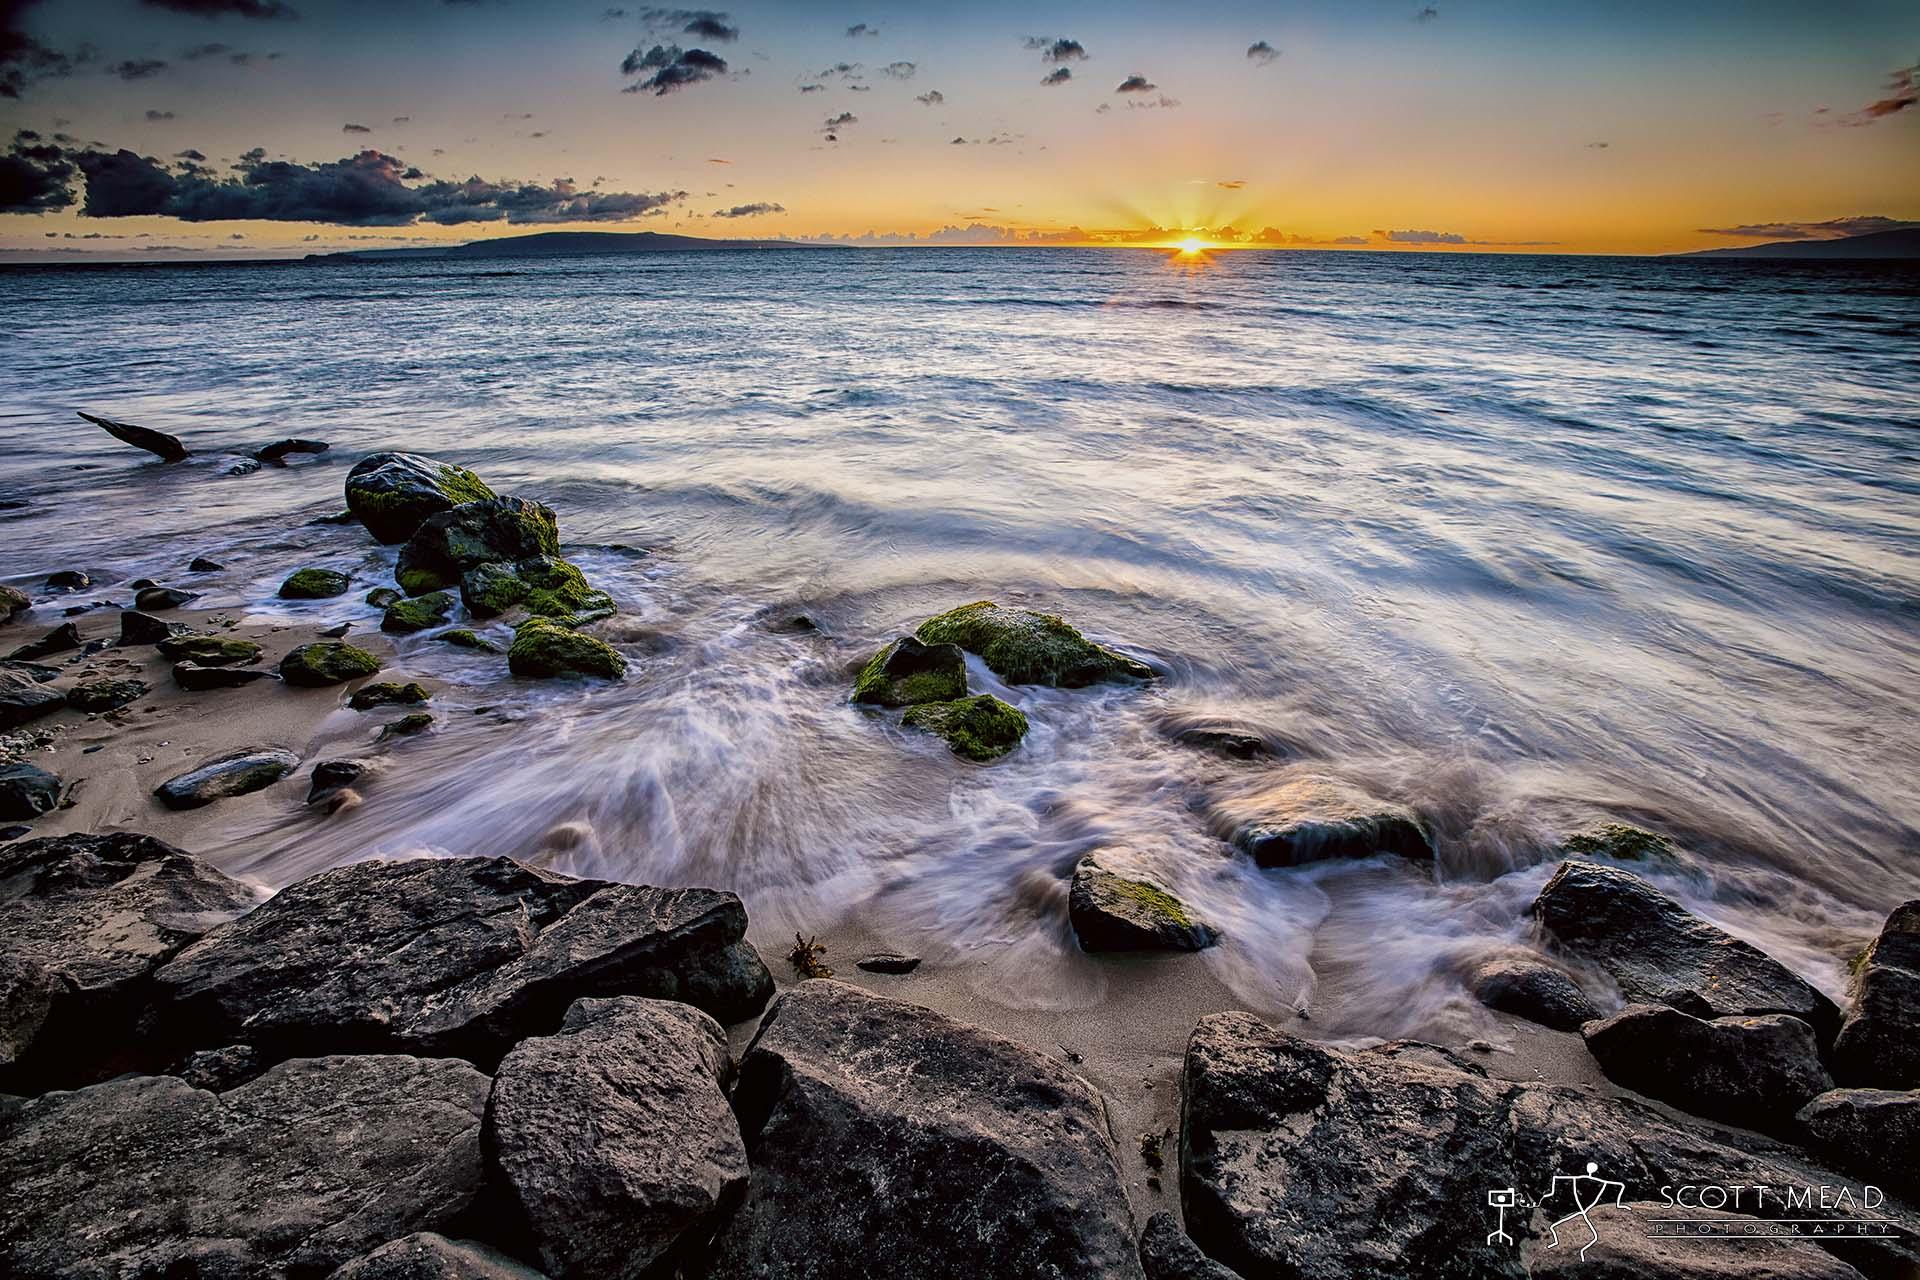 Rocky Sunset   Scott Mead Photography